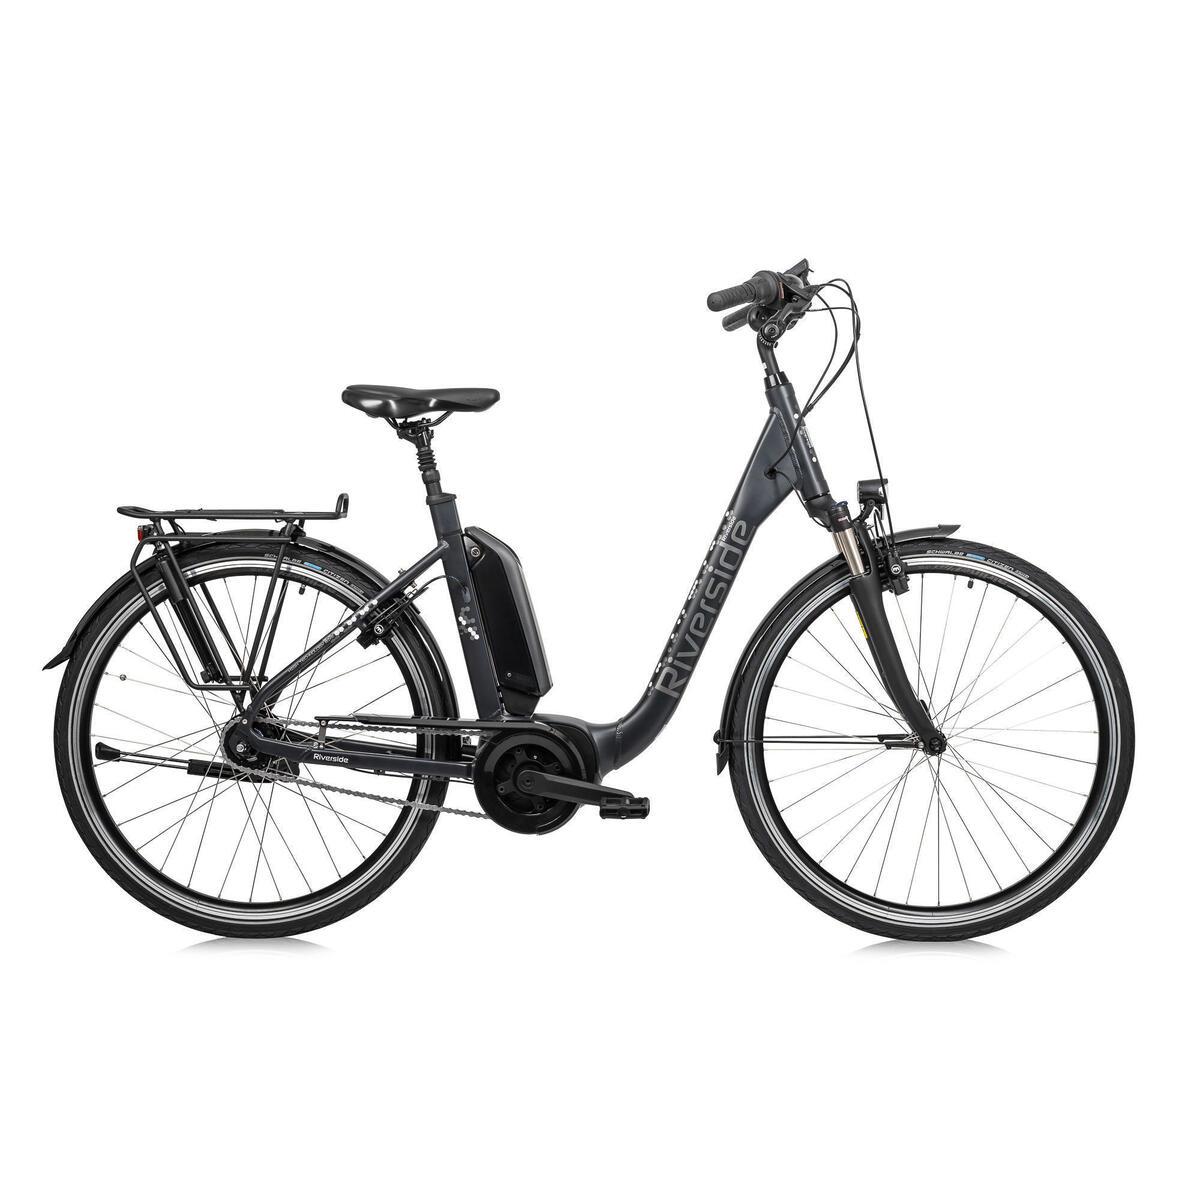 Bild 1 von E-Bike City Bike 28 Zoll Riverside City Nexus 8 Active Plus 400 Wh AVS